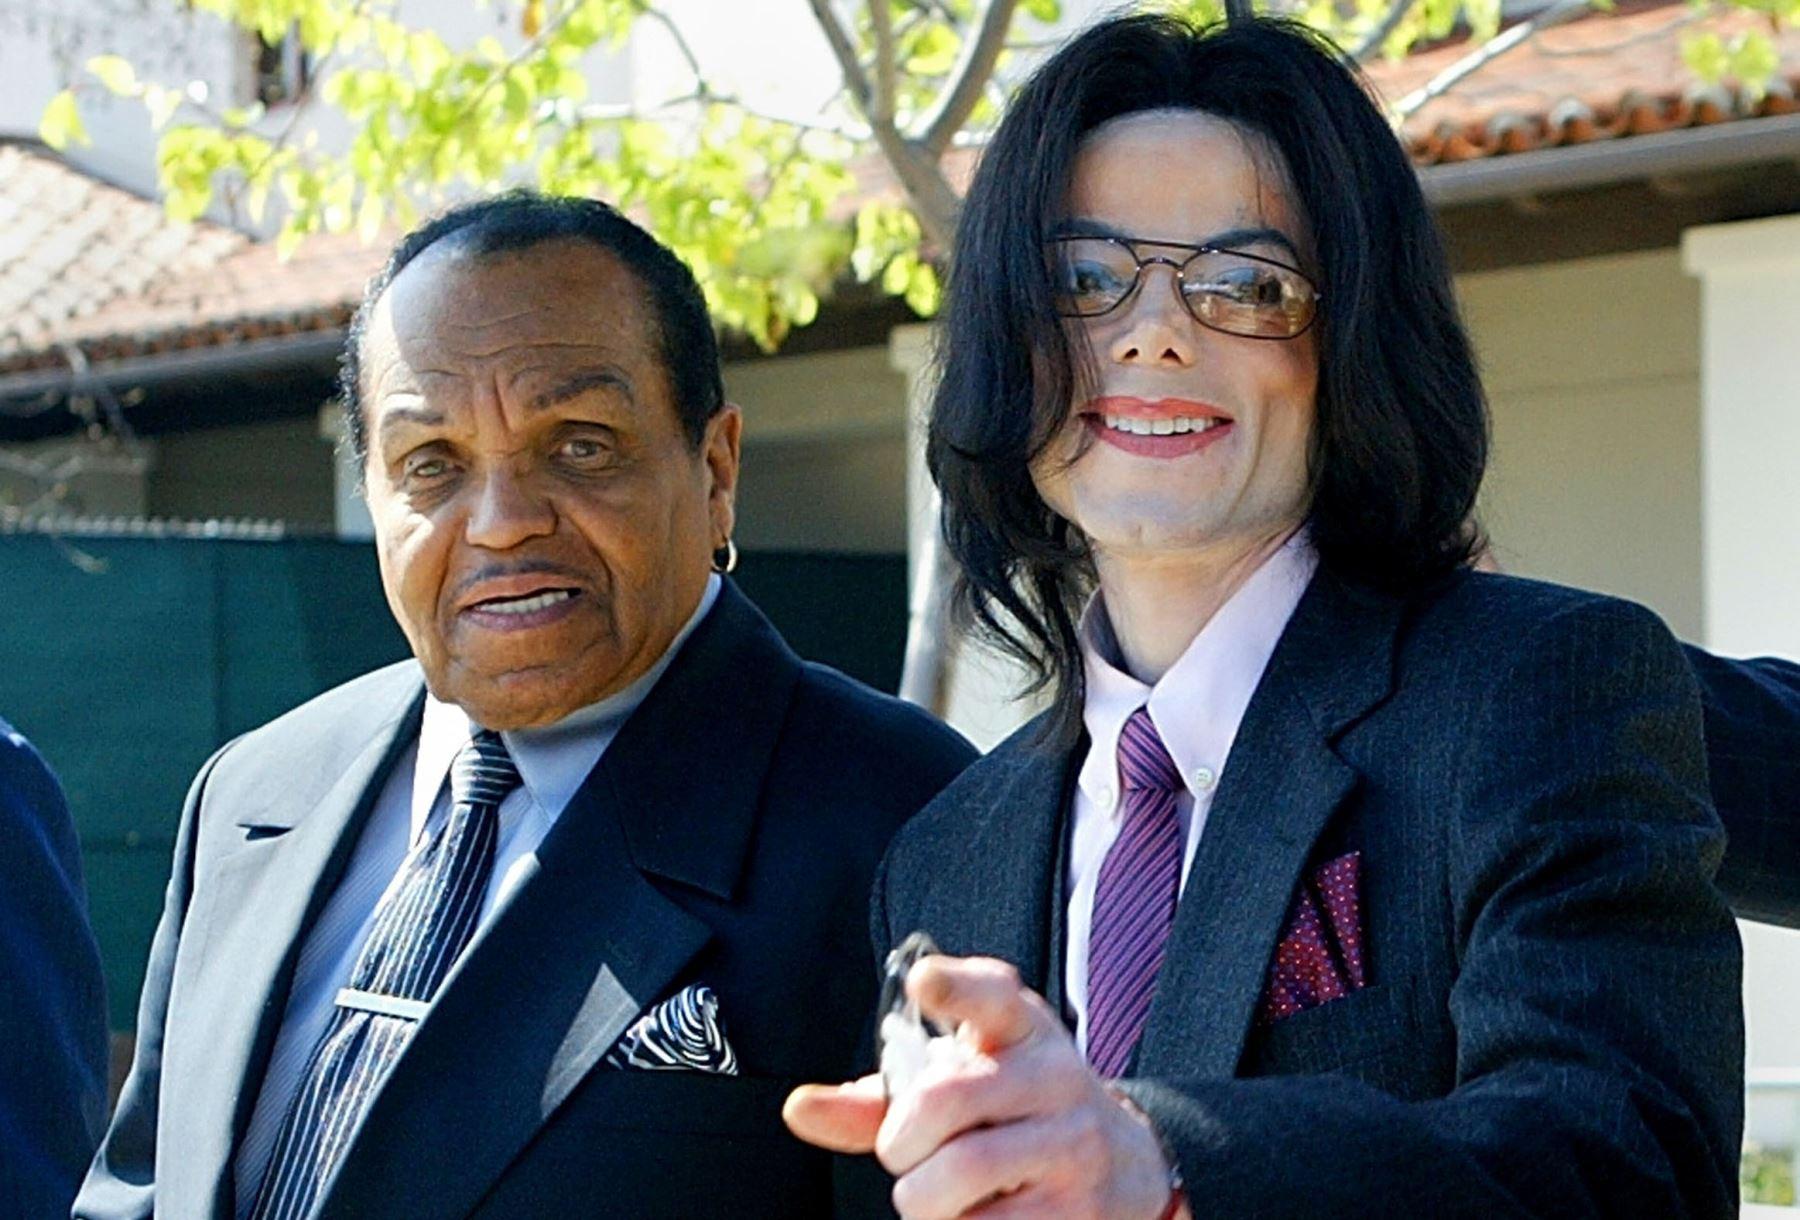 Foto tomada el 8 de marzo de 2005, el cantante Michael Jackson con su padre, Joseph Jackson, abandonan el Tribunal Superior de Santa María. Foto: AFP